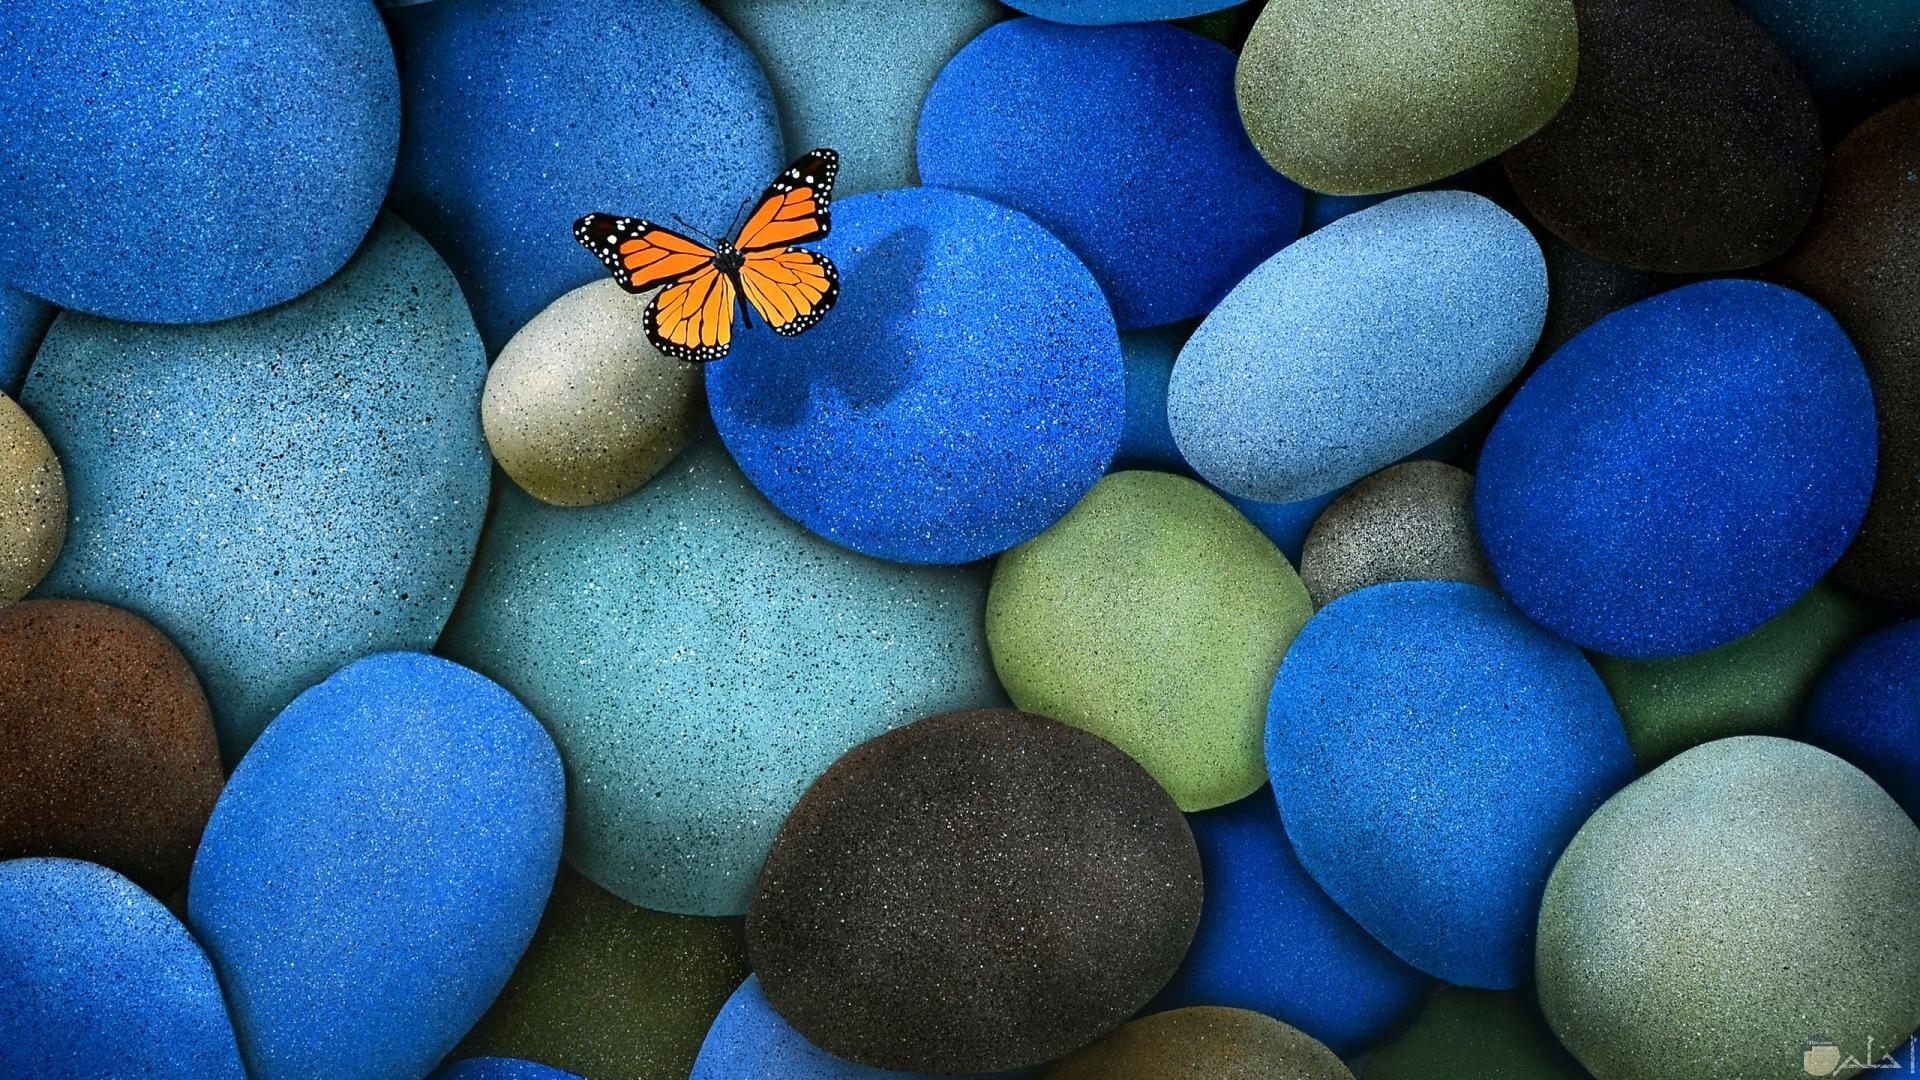 فراشة تقف على ظلط ملون بدرجات الأزرق.